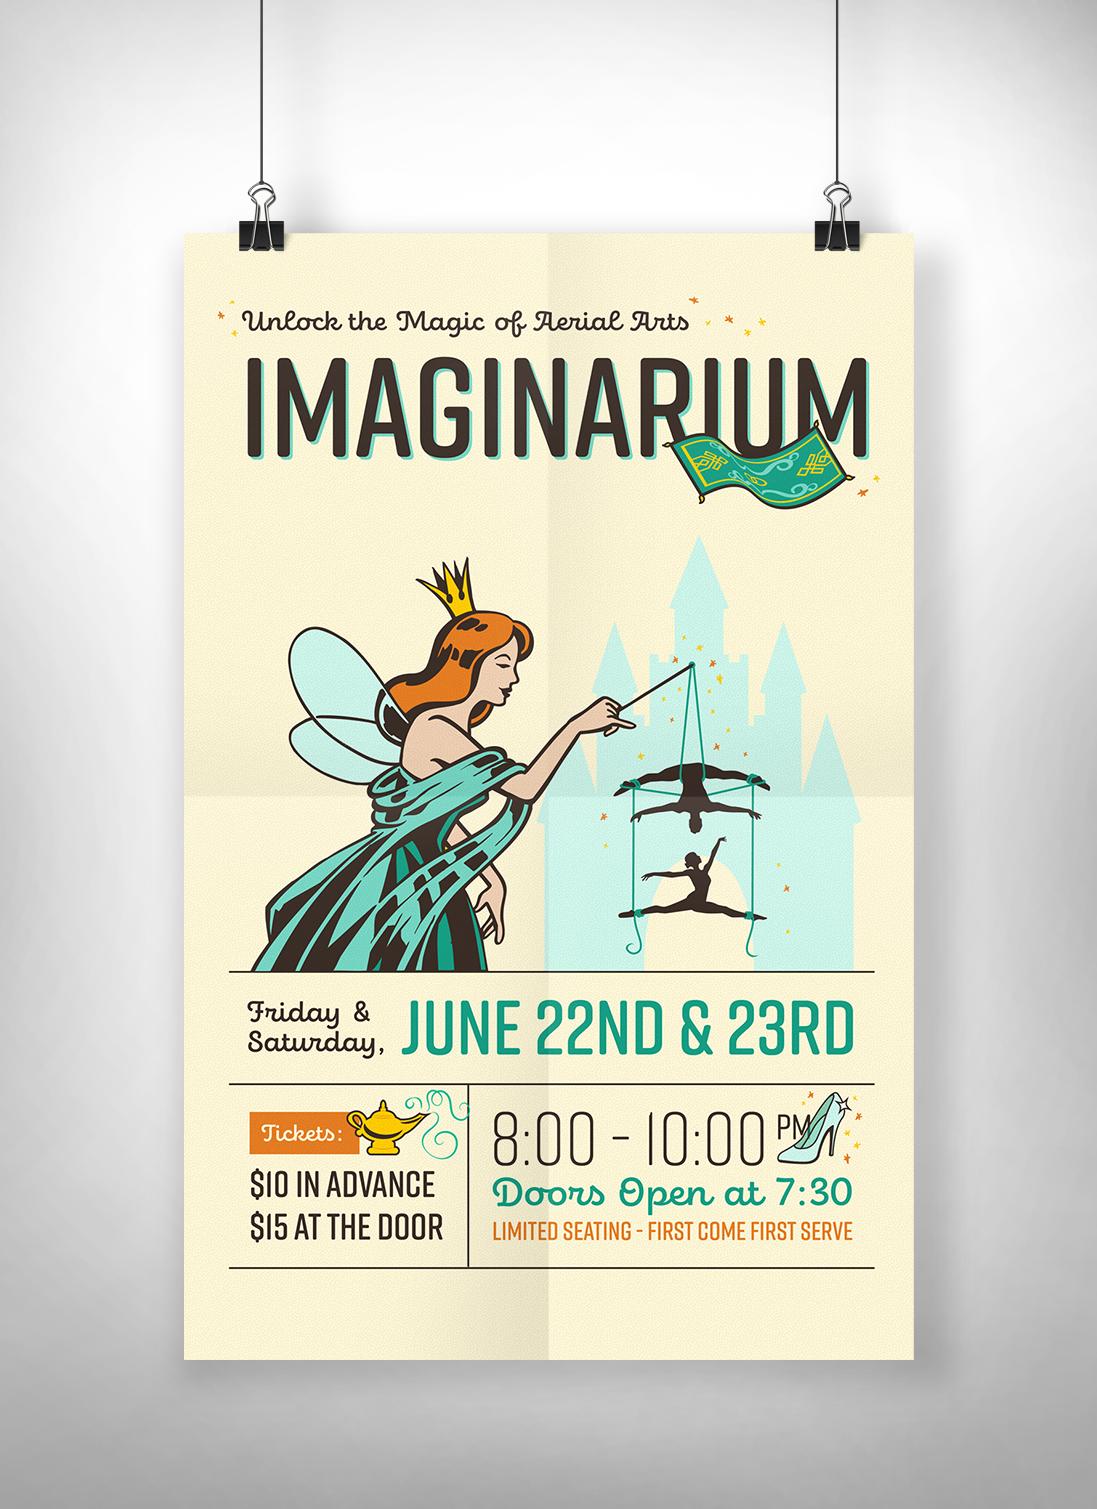 Imaginarium-Poster-Mockup.jpg